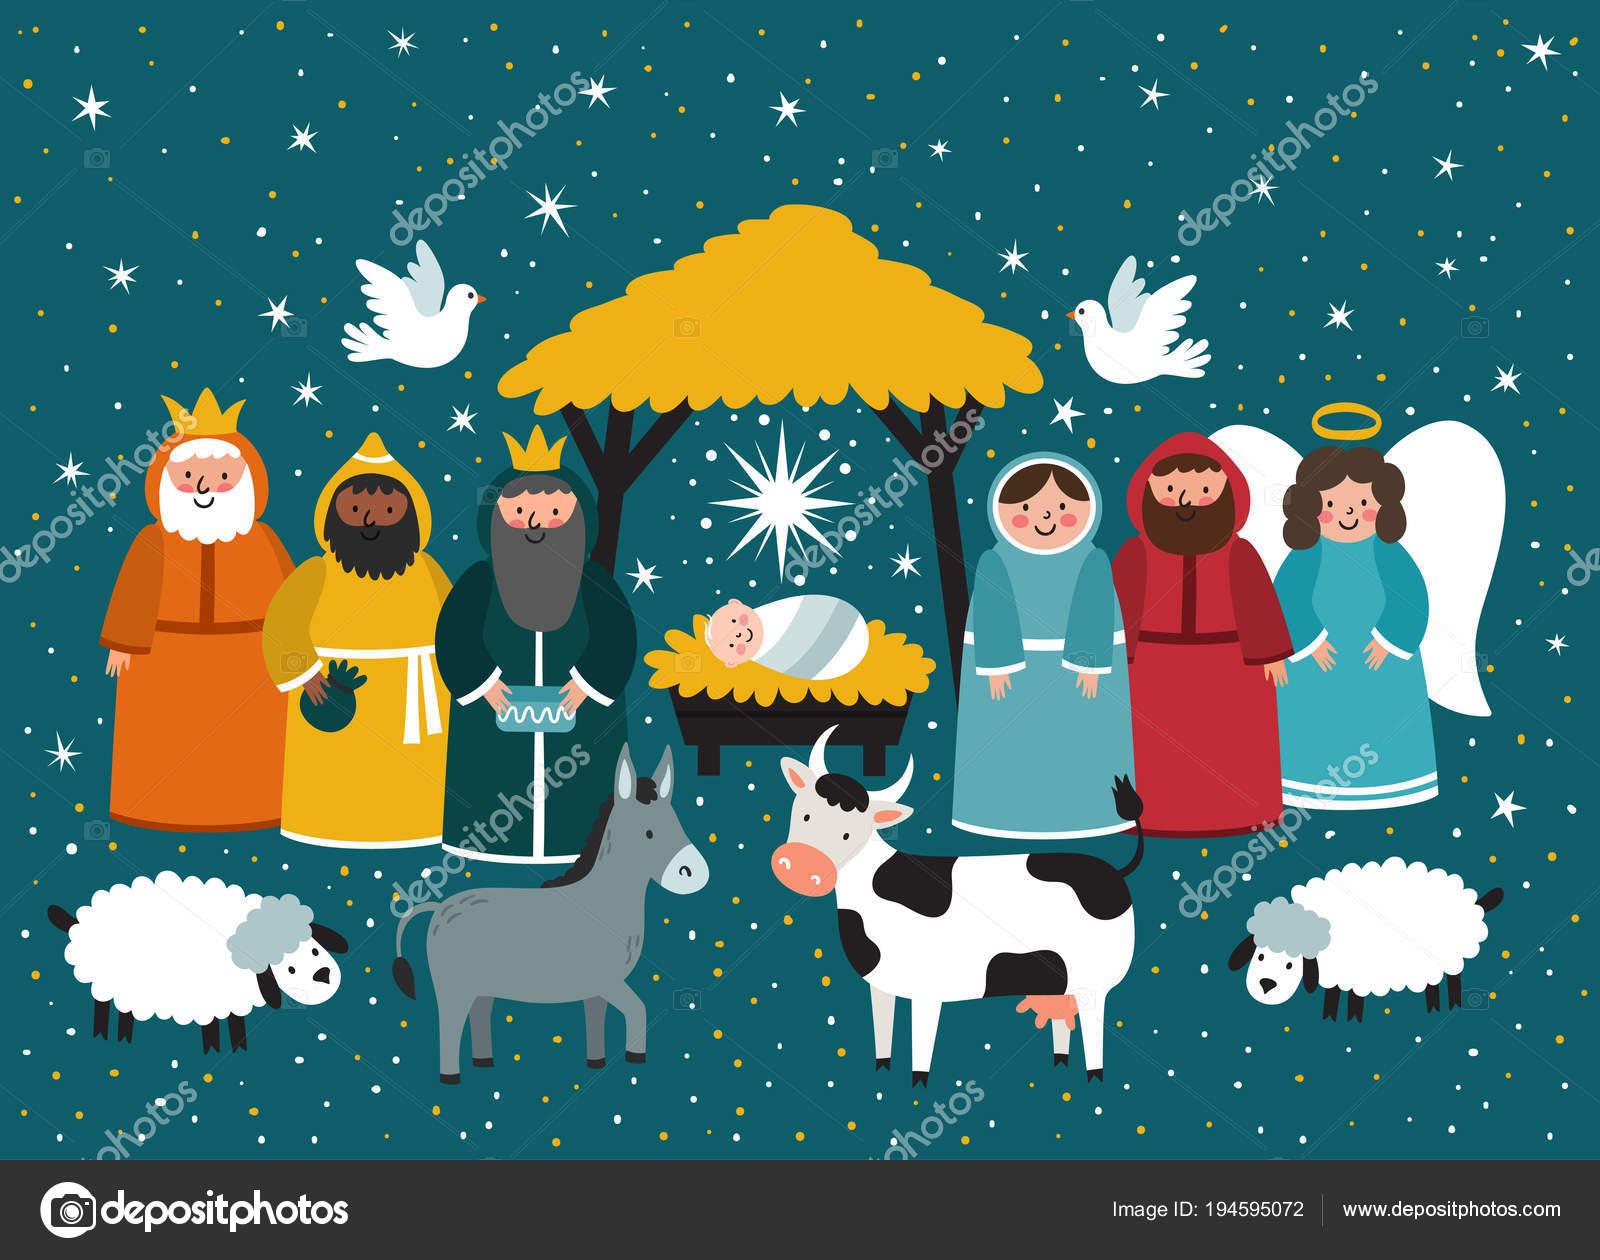 Fotos De Navidad Del Nino Jesus.Imagenes Nino Jesus Nacido Escena De Navidad Tradicional